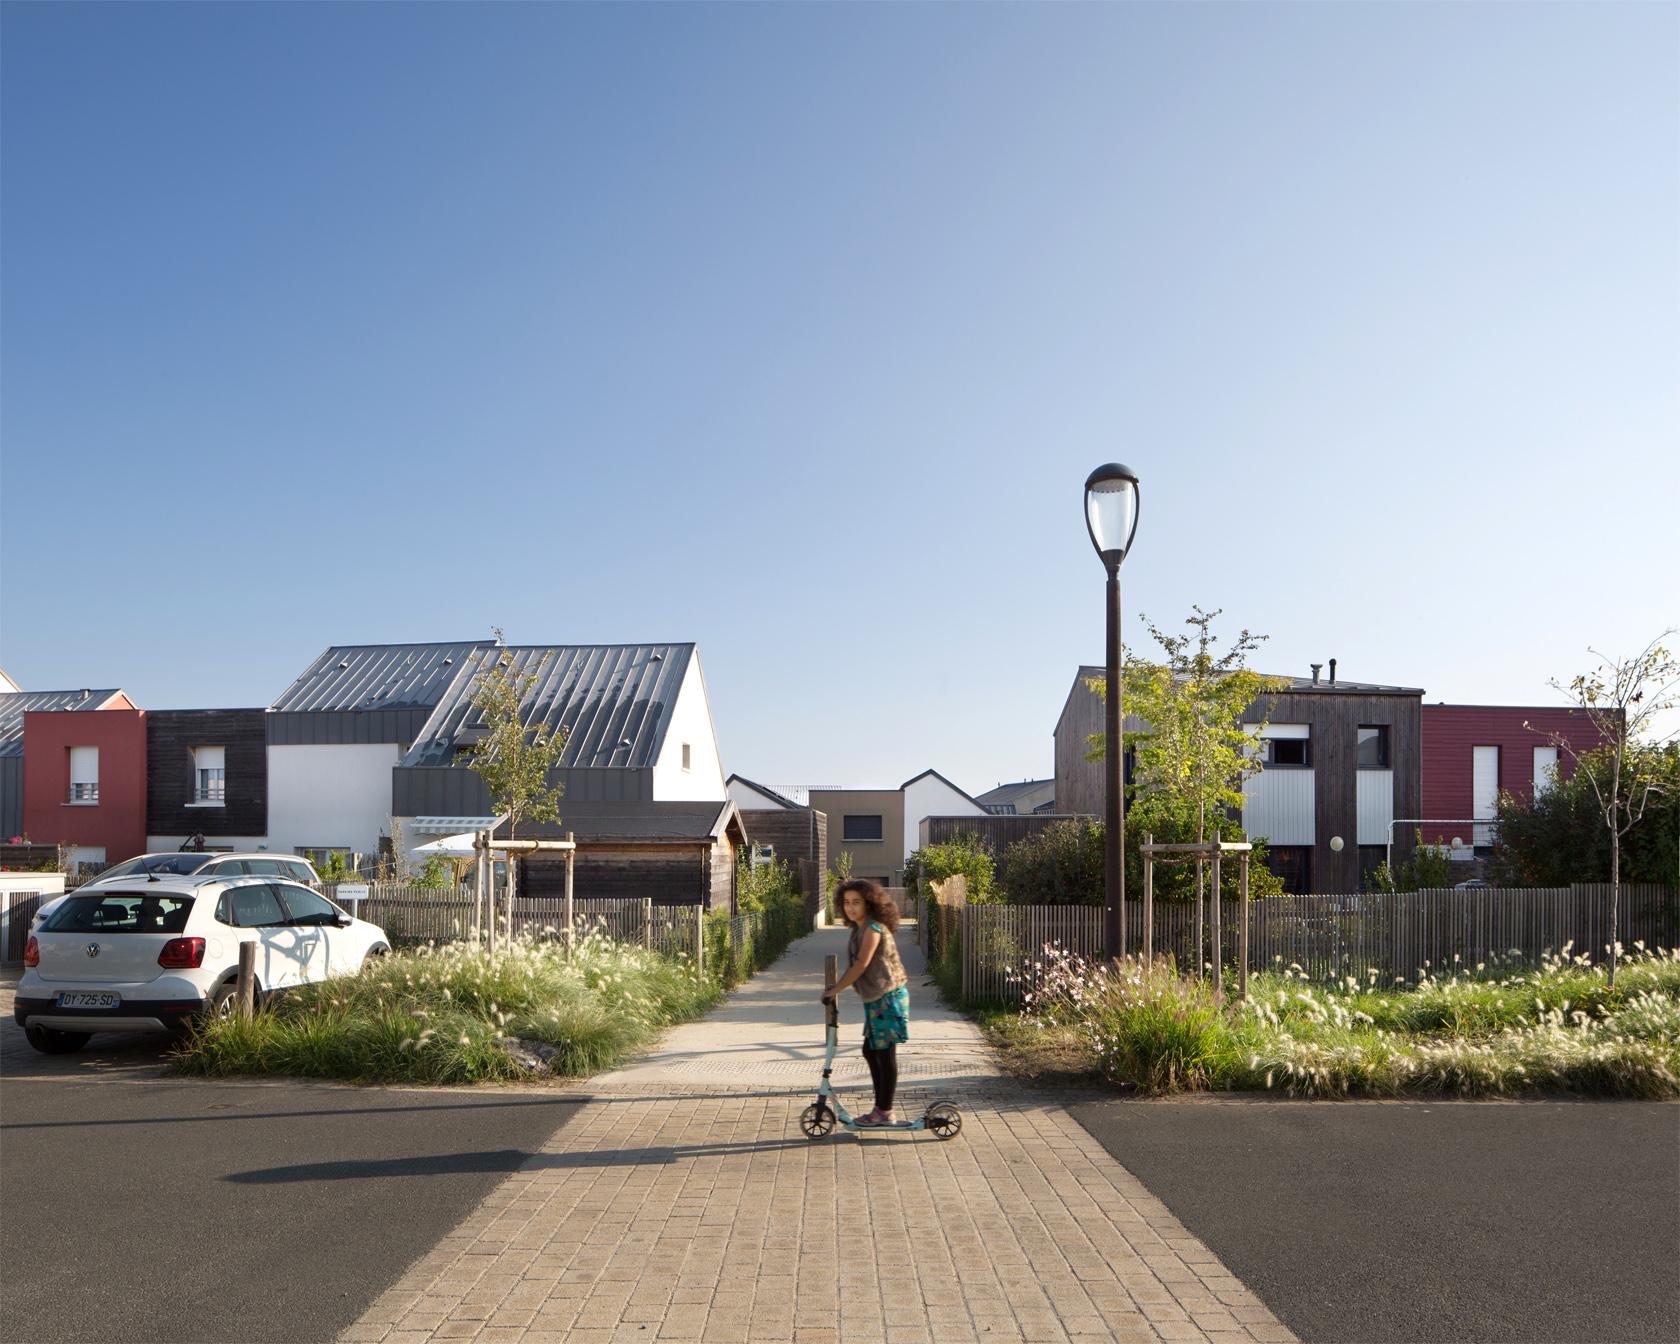 Agence Johanne San - Les nouveaux Échats - Aménagement d'un écoquartier bas carbone labellisé